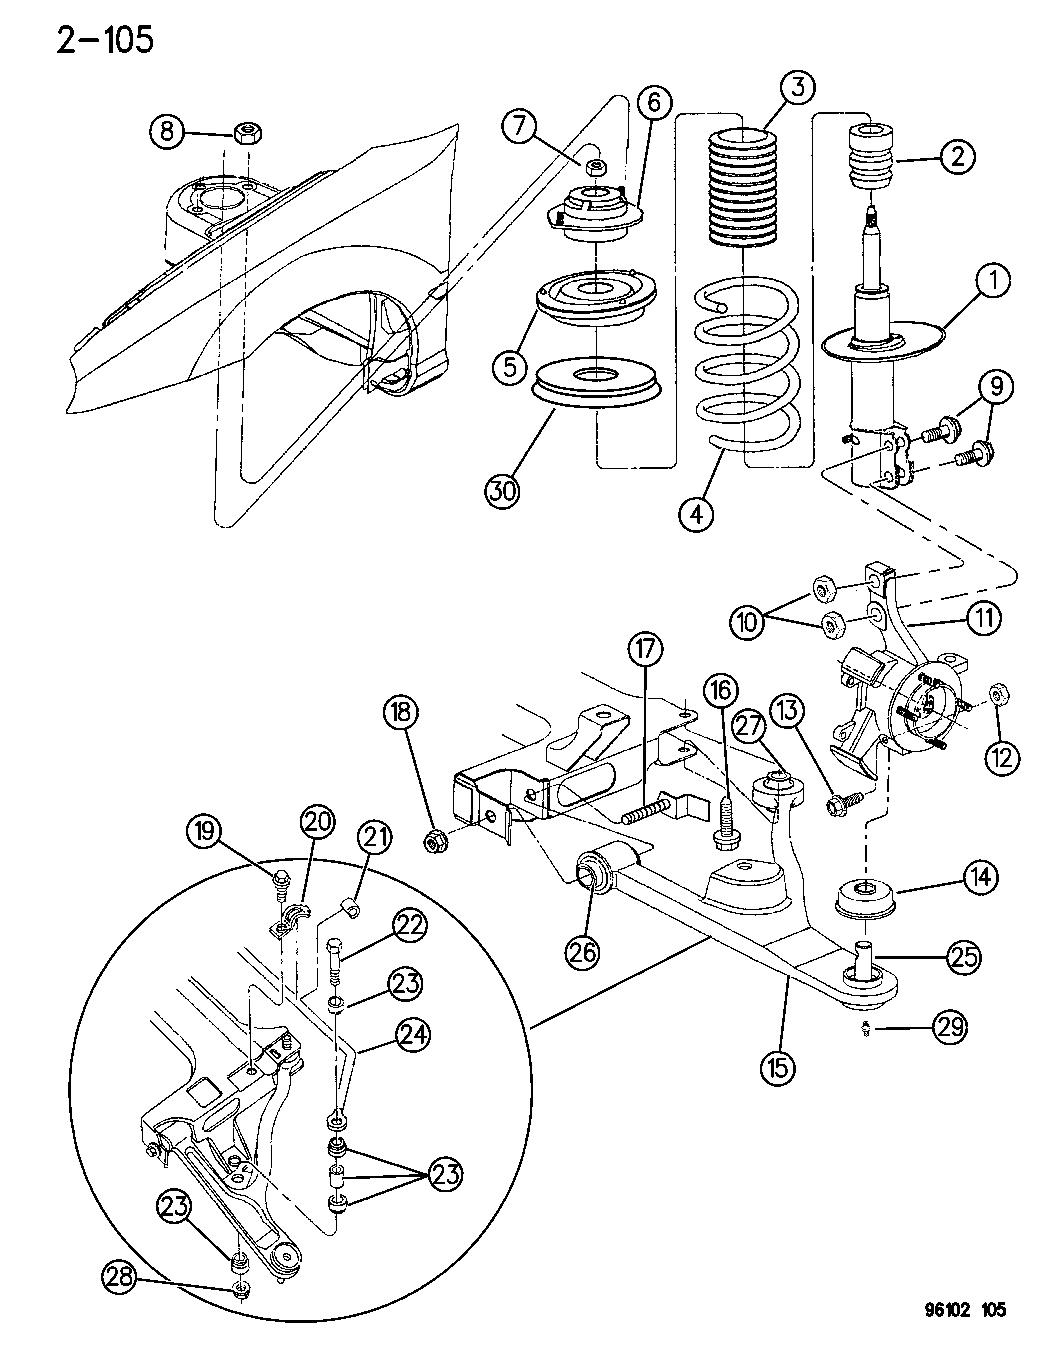 5273412 - genuine dodge spring-front suspension dodge neon suspension diagram mazda 6 front suspension diagram mopar parts giant